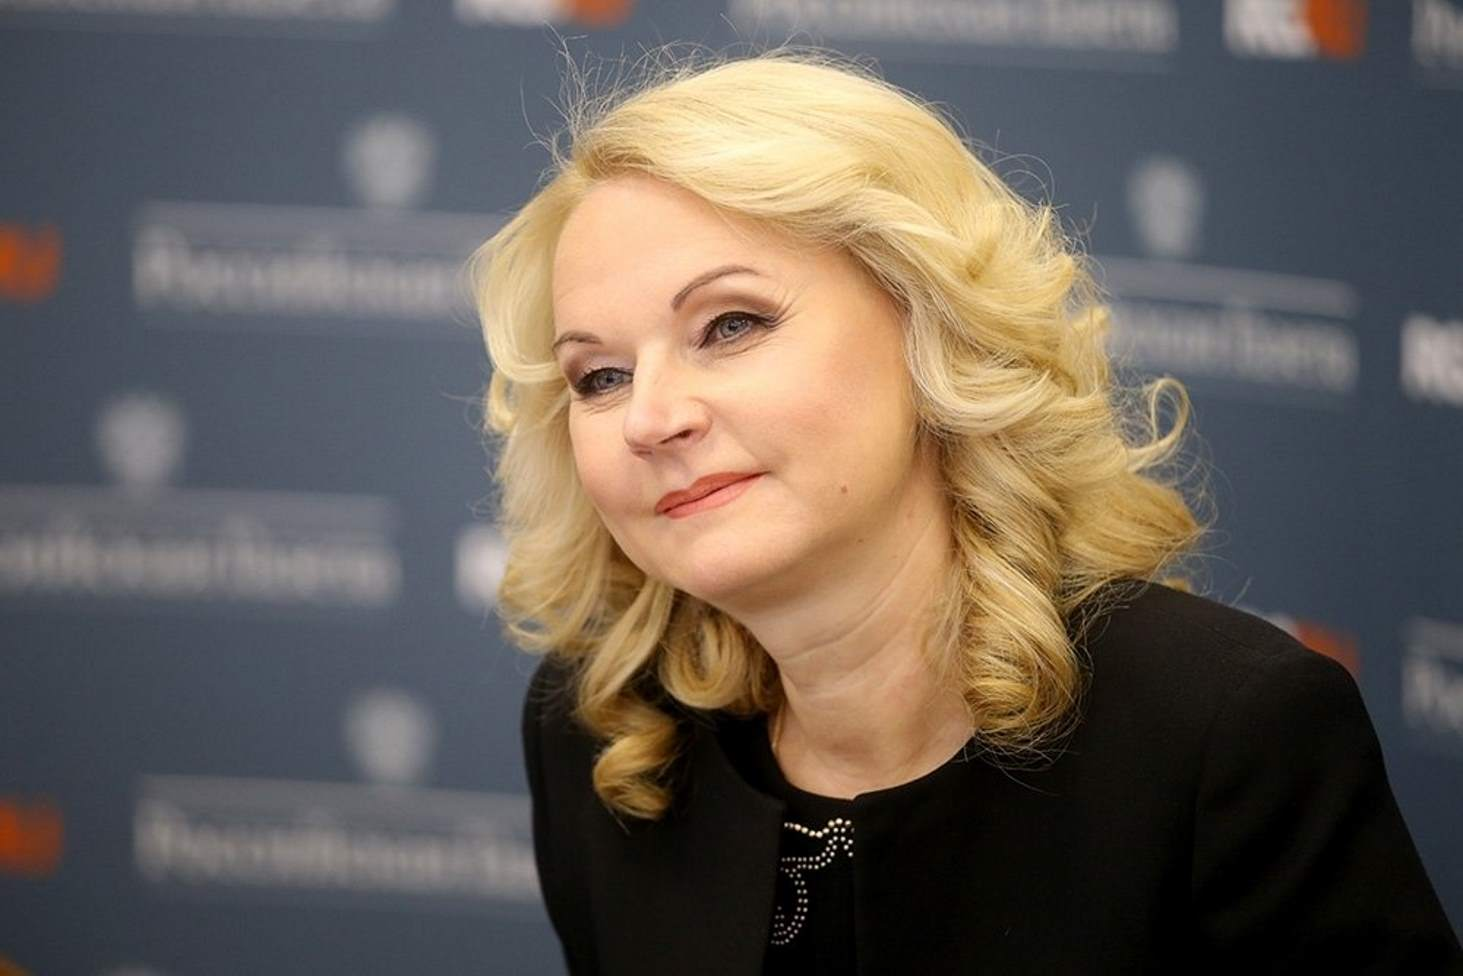 tatyana-golikova-v-shkolah-neobhodimo-rasskazyvat-o-kontratseptsii